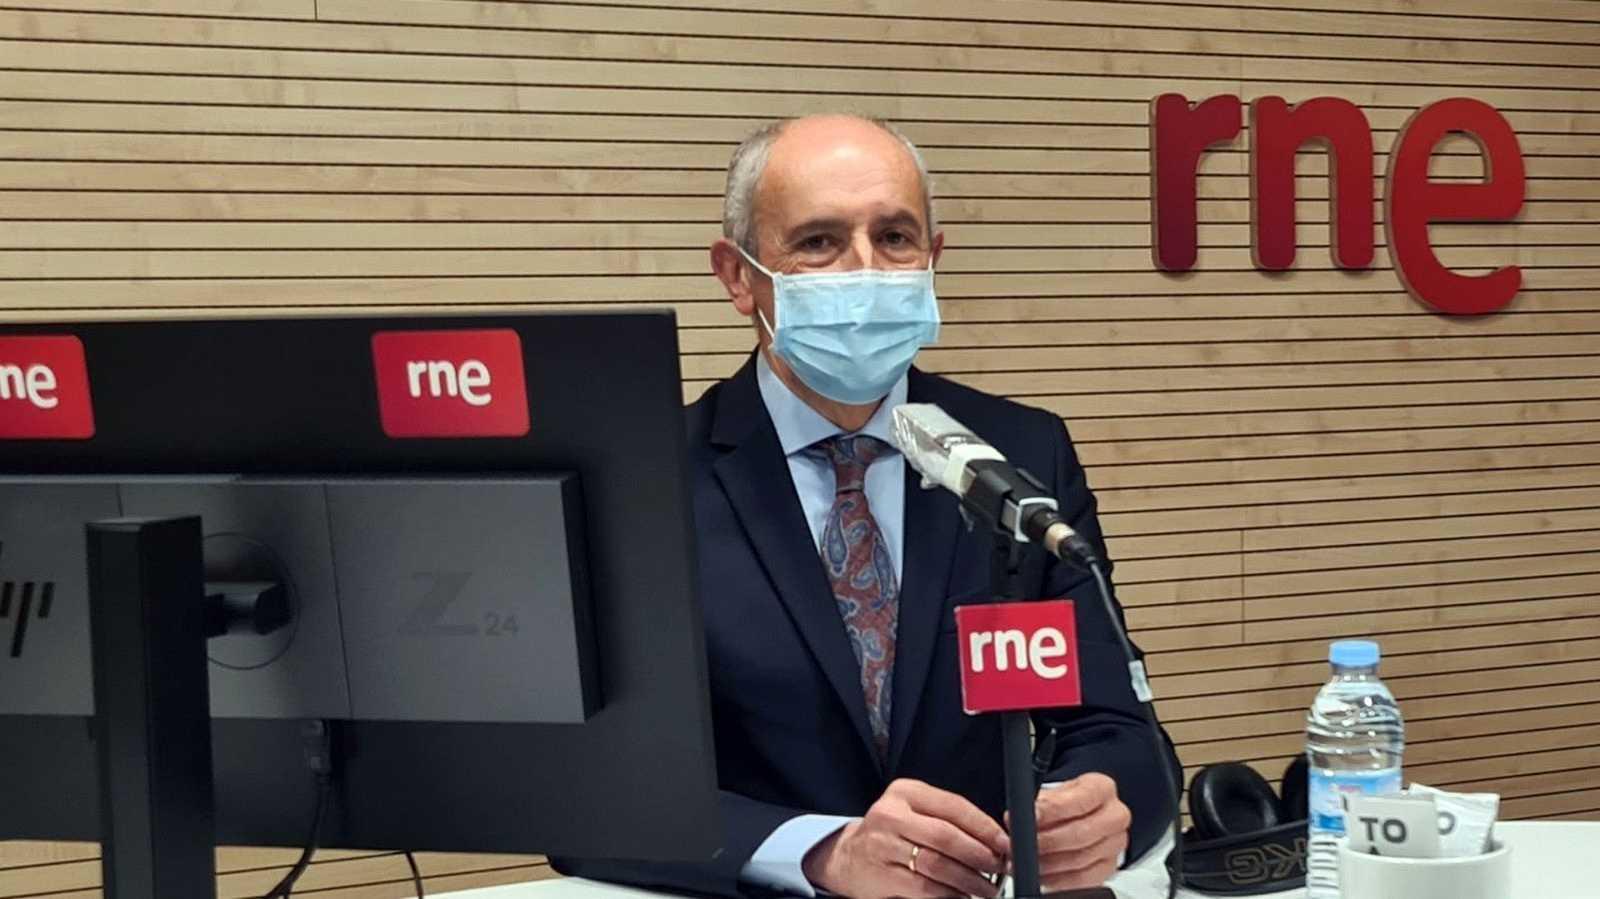 """Las mañanas de RNE con Íñigo Alfonso - Josu Erkoreka: """"Parece que Sánchez está esperando una solicitud unánime para prolongar el estado de alarma y no tener problemas en el Congreso"""" - Escuchar ahora"""